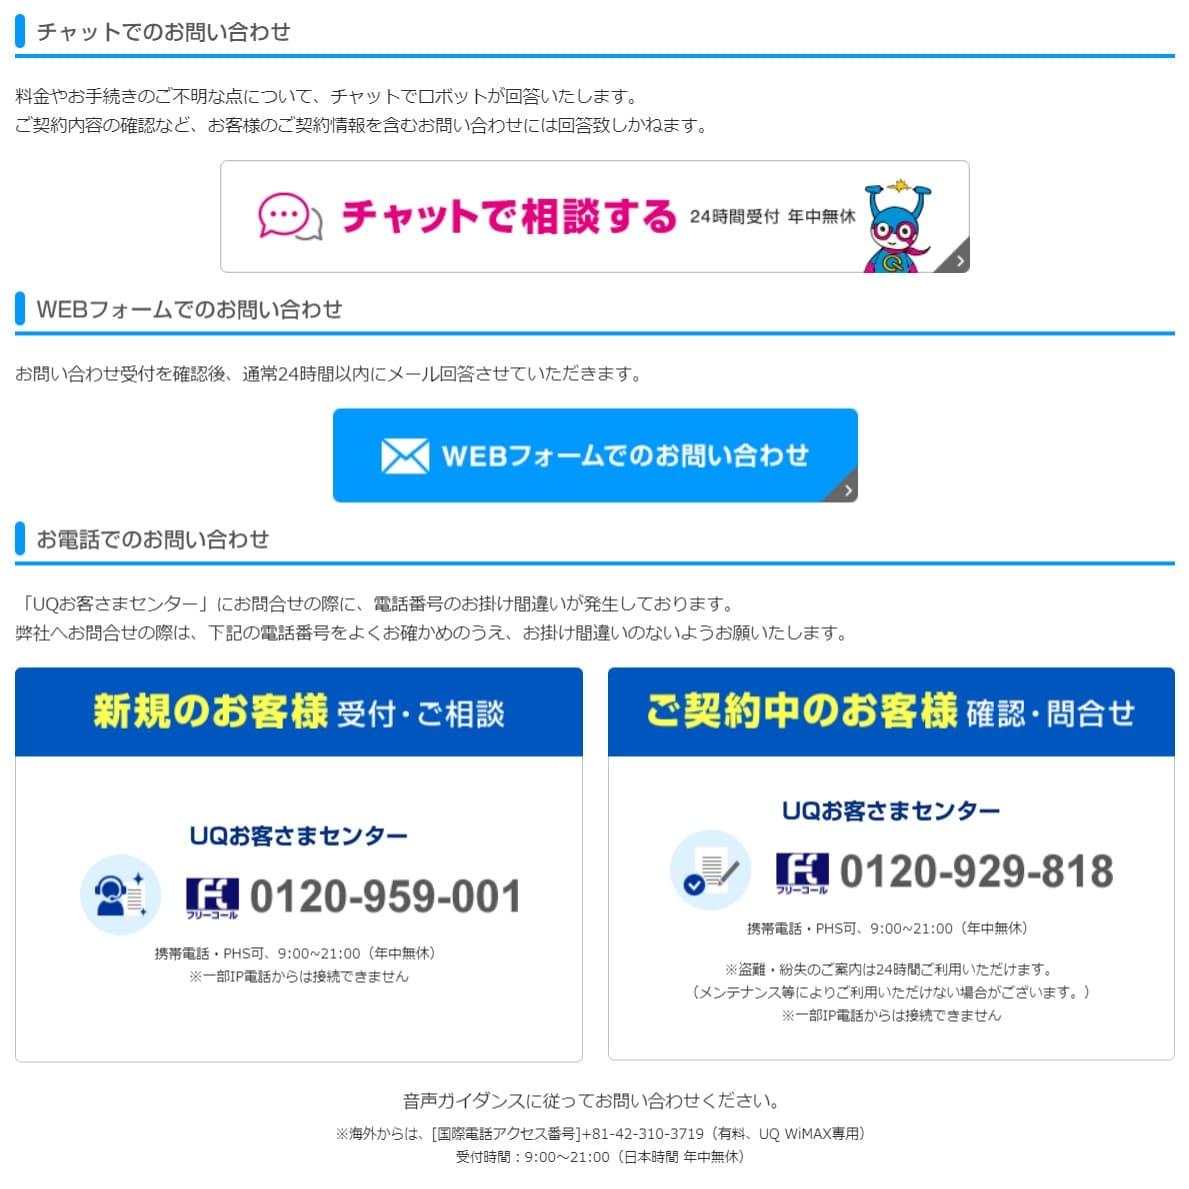 UQお問い合わせ画面